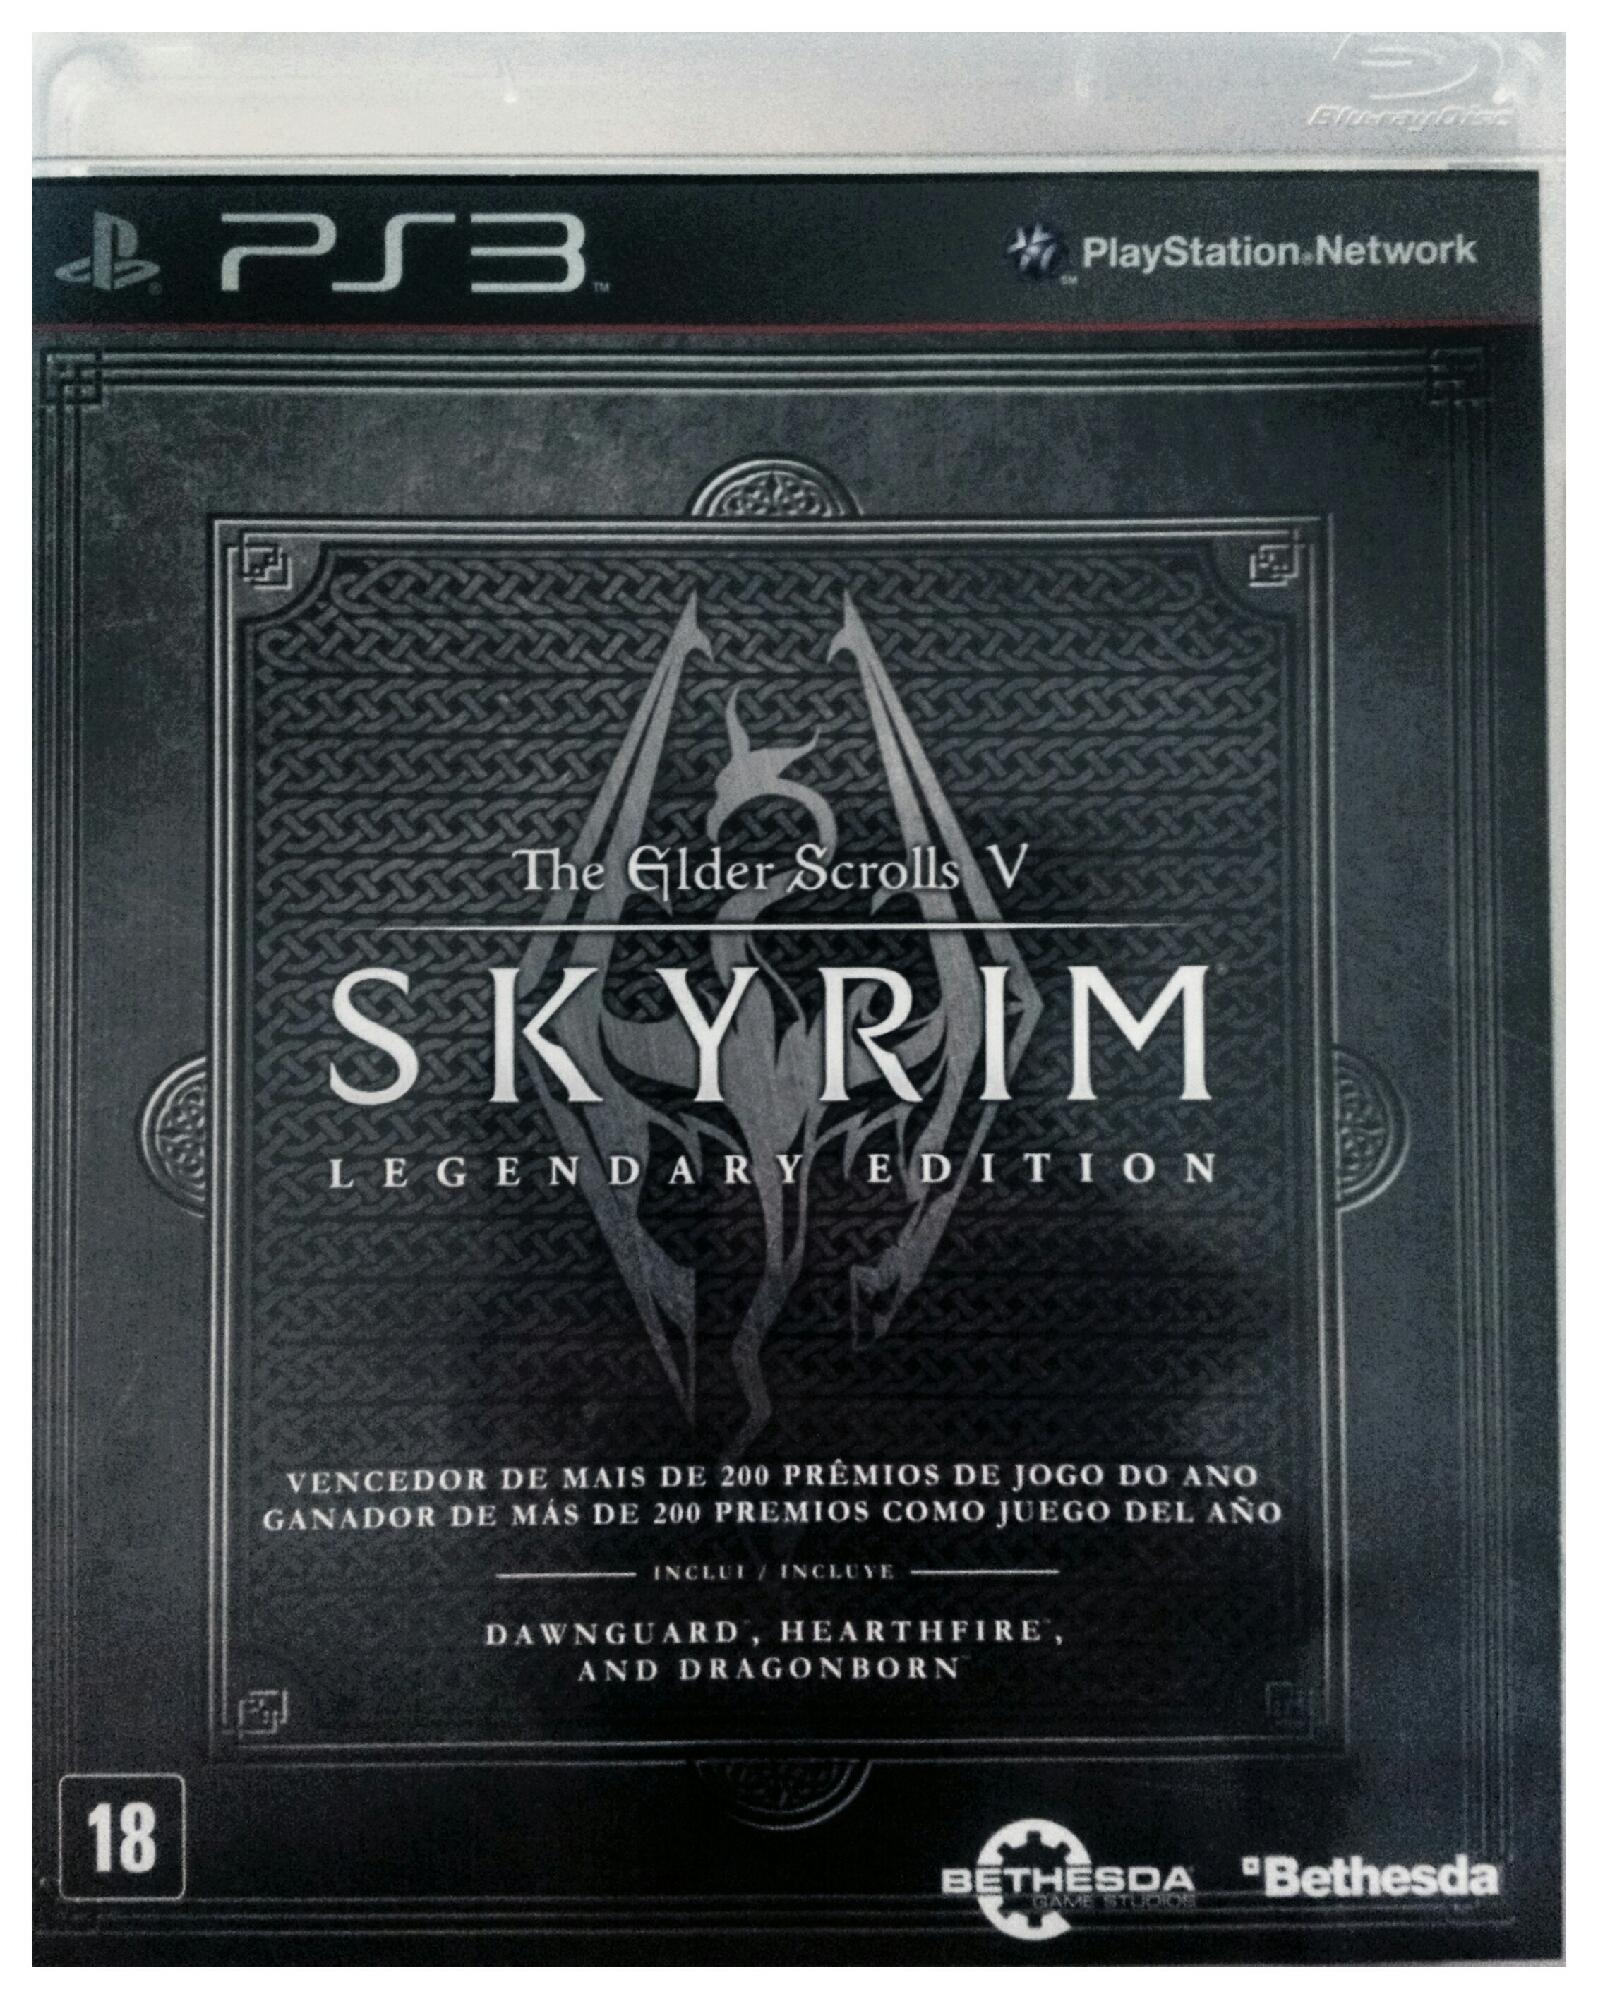 Tive a sorte de comprar essa versão pra console, q tem todas as DLCs